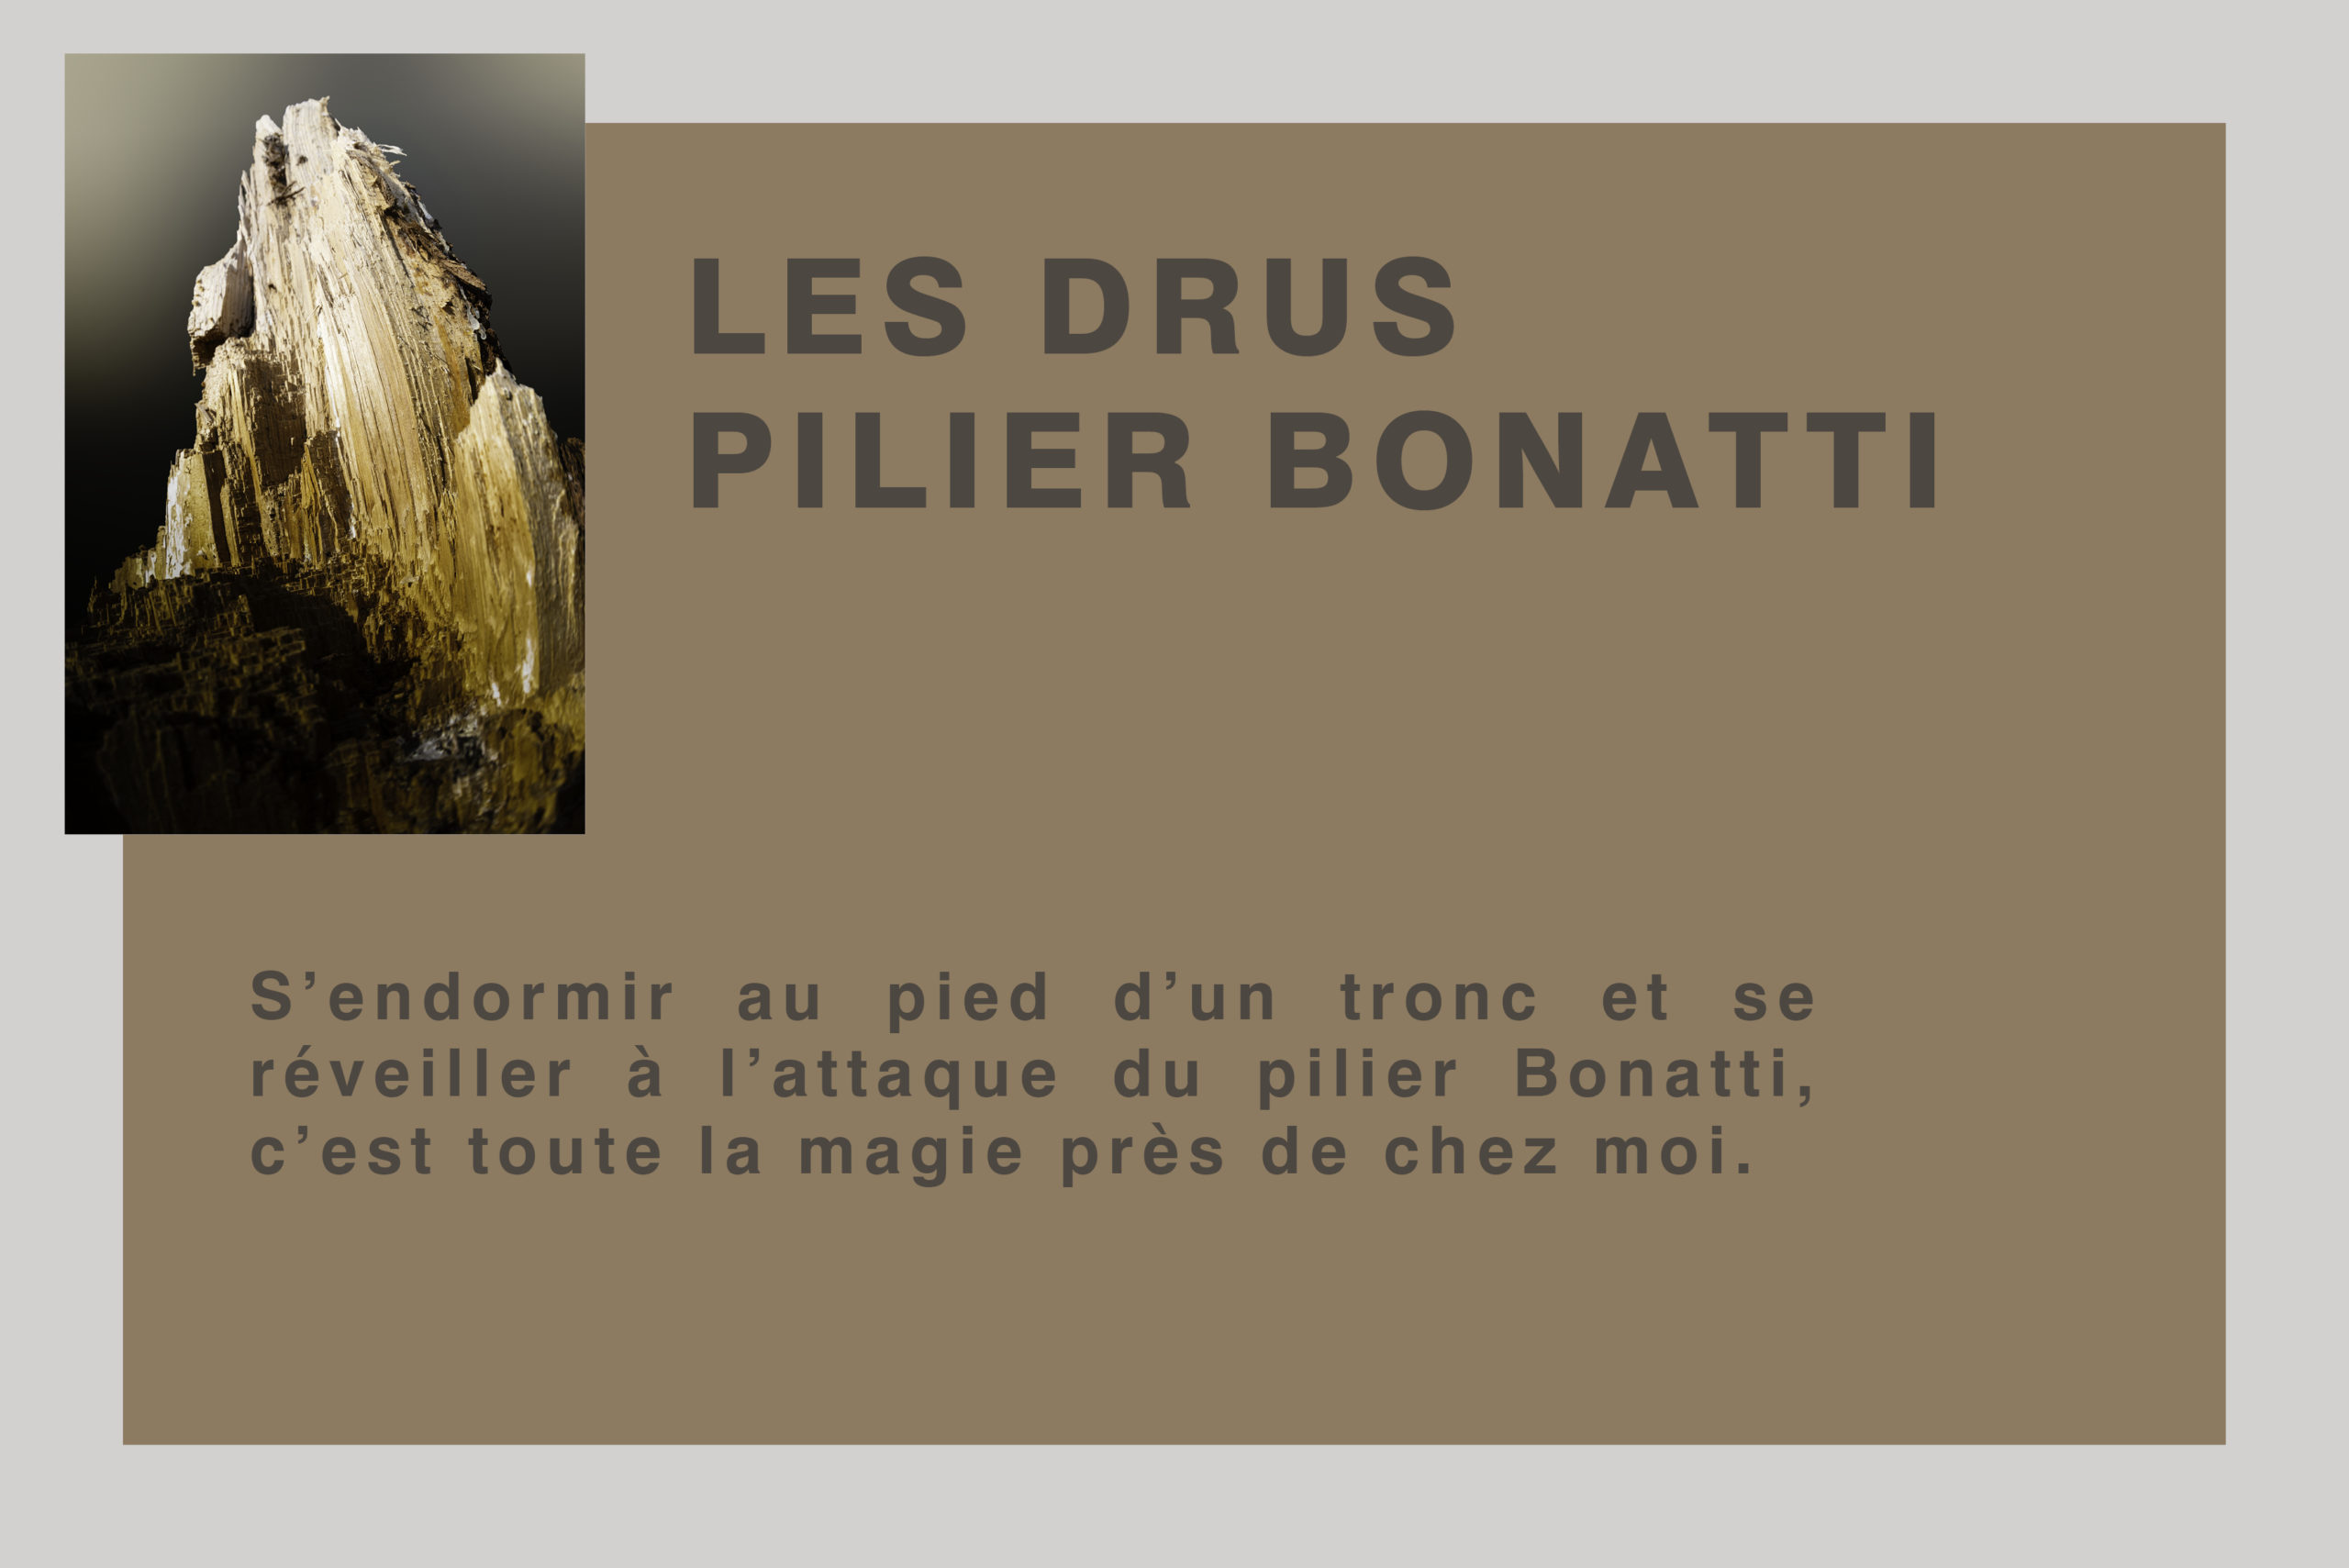 Les Drus - Pilier Bonatti